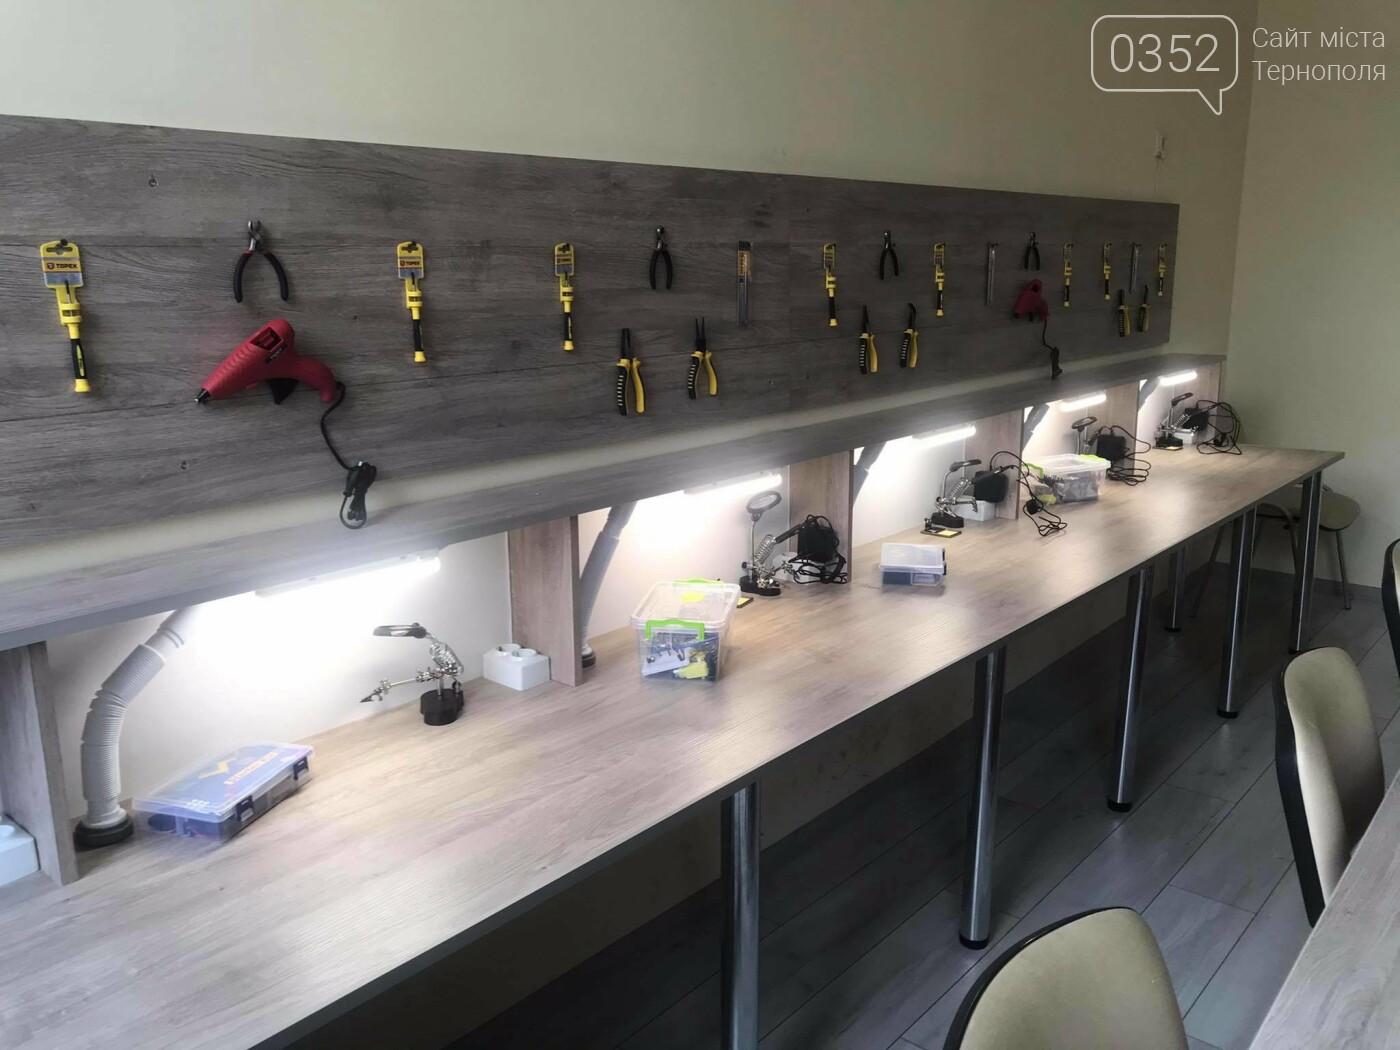 Сучасну студію робототехніки відкрили у Підволочиську за сприяння «Контінентал Фармерз Груп» , фото-7